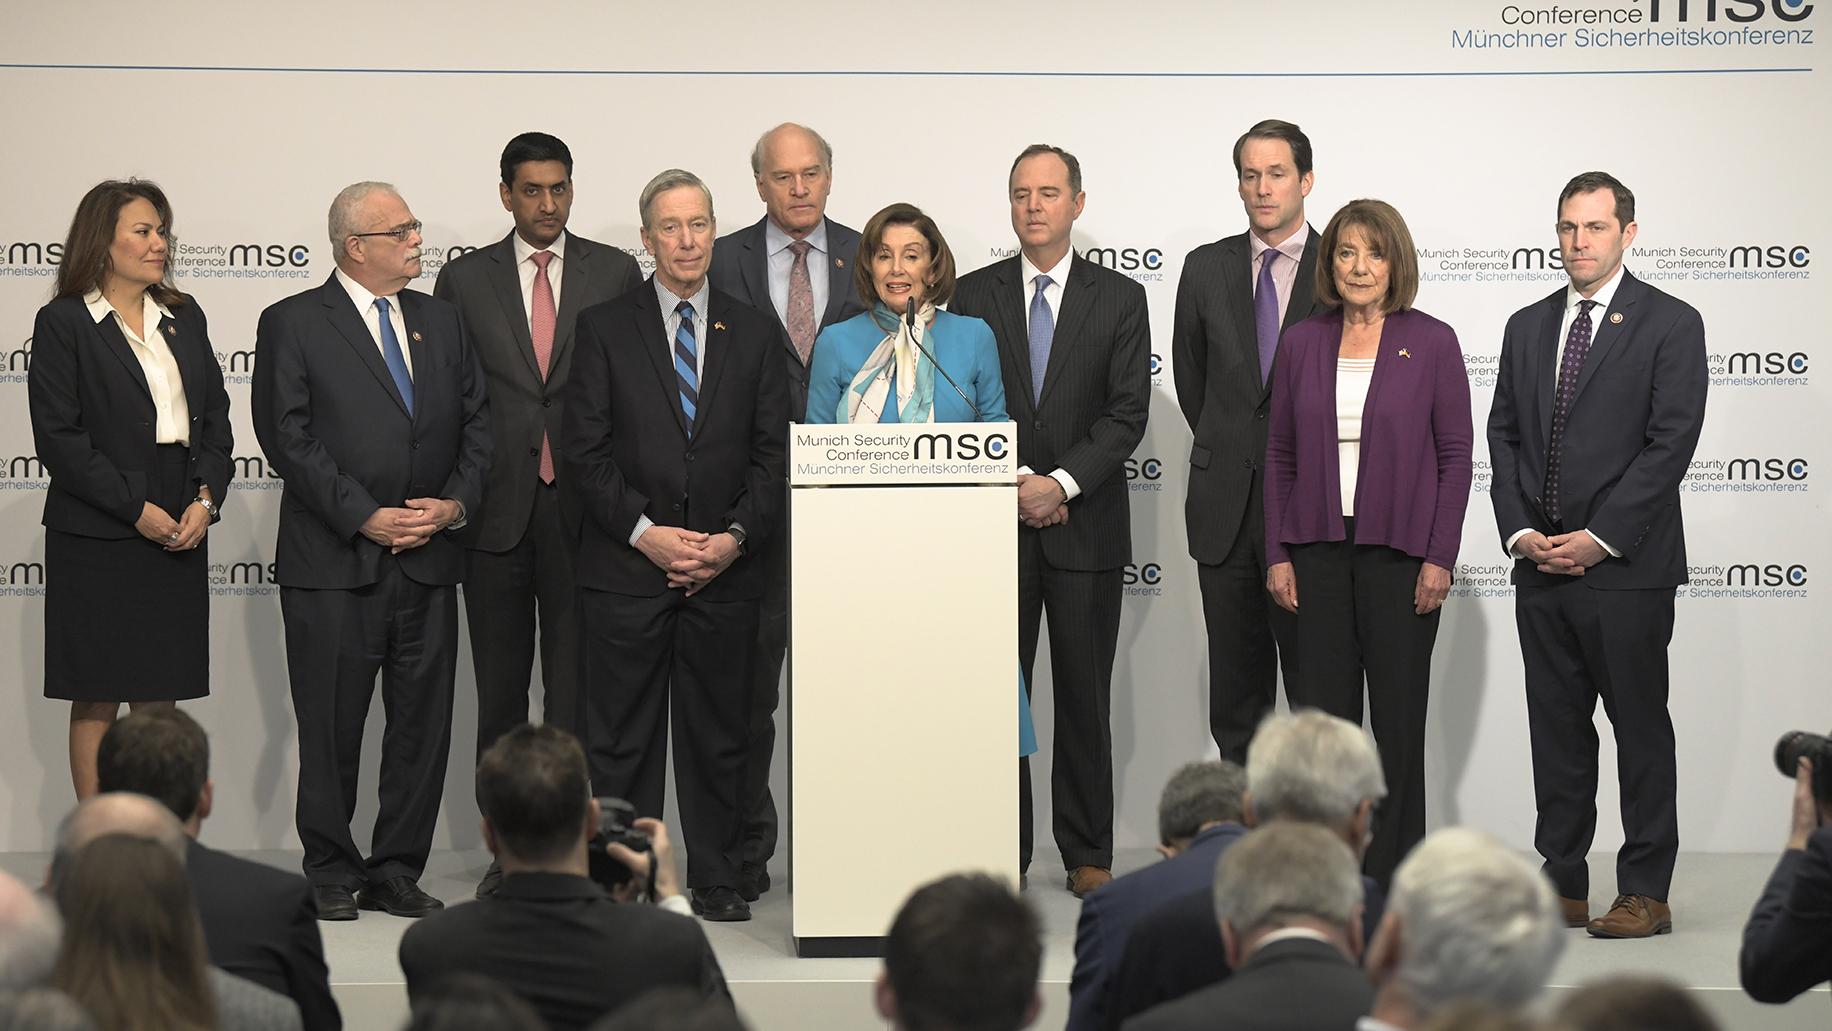 2020年2月16日,美国国会众议院议长南希·佩罗西(中)与其他慕尼黑安全会议与会者召开记者会。(美联社)